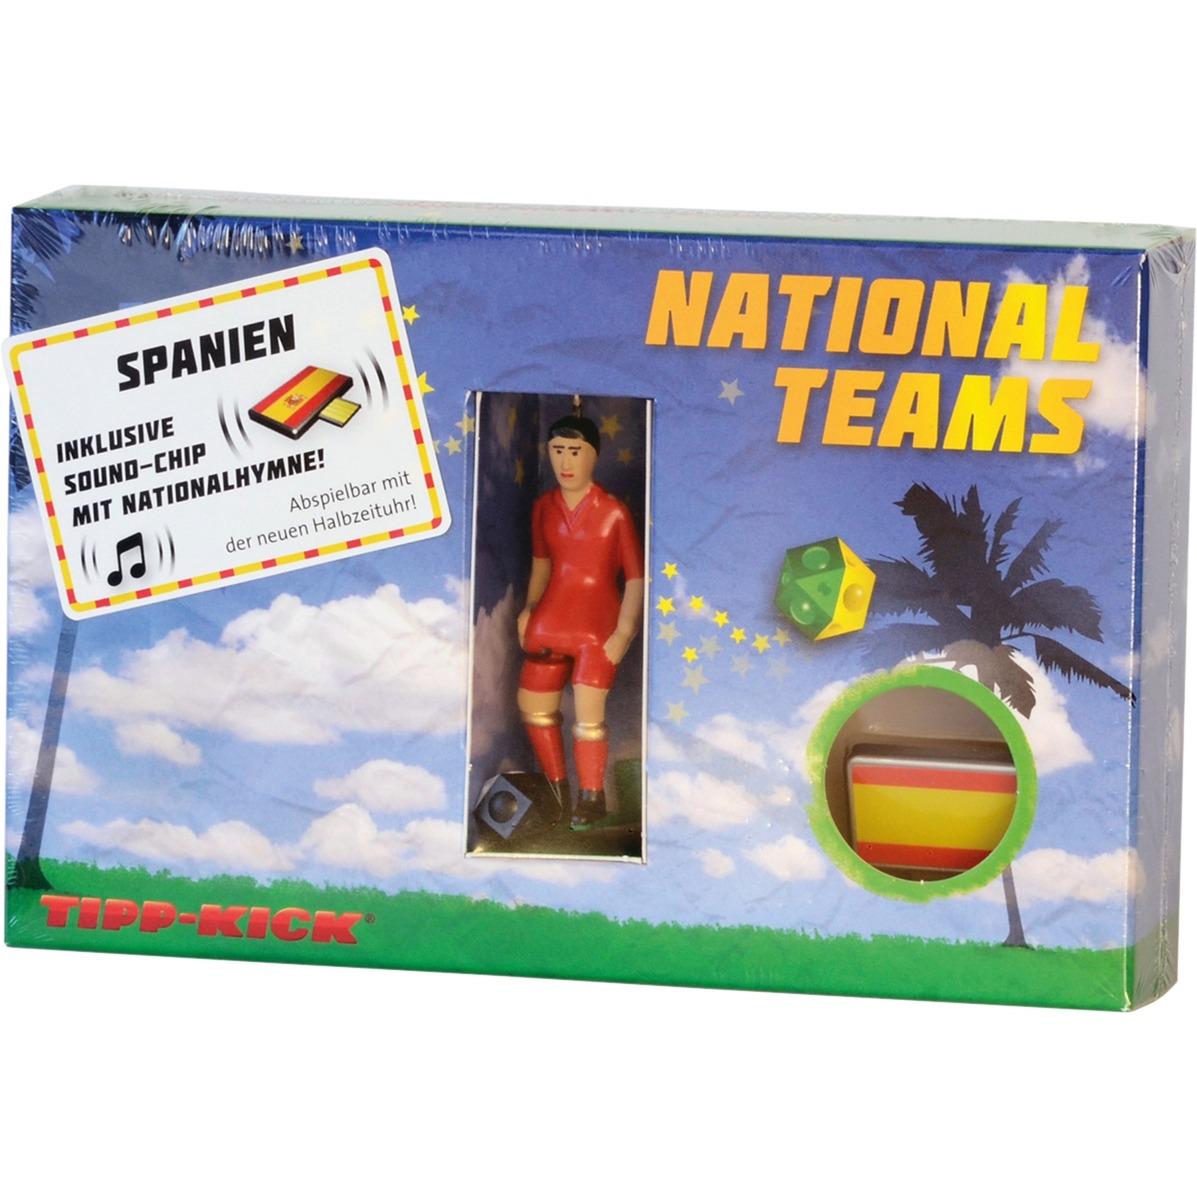 star-kicker-spanien-in-torwandbox-spil-figur